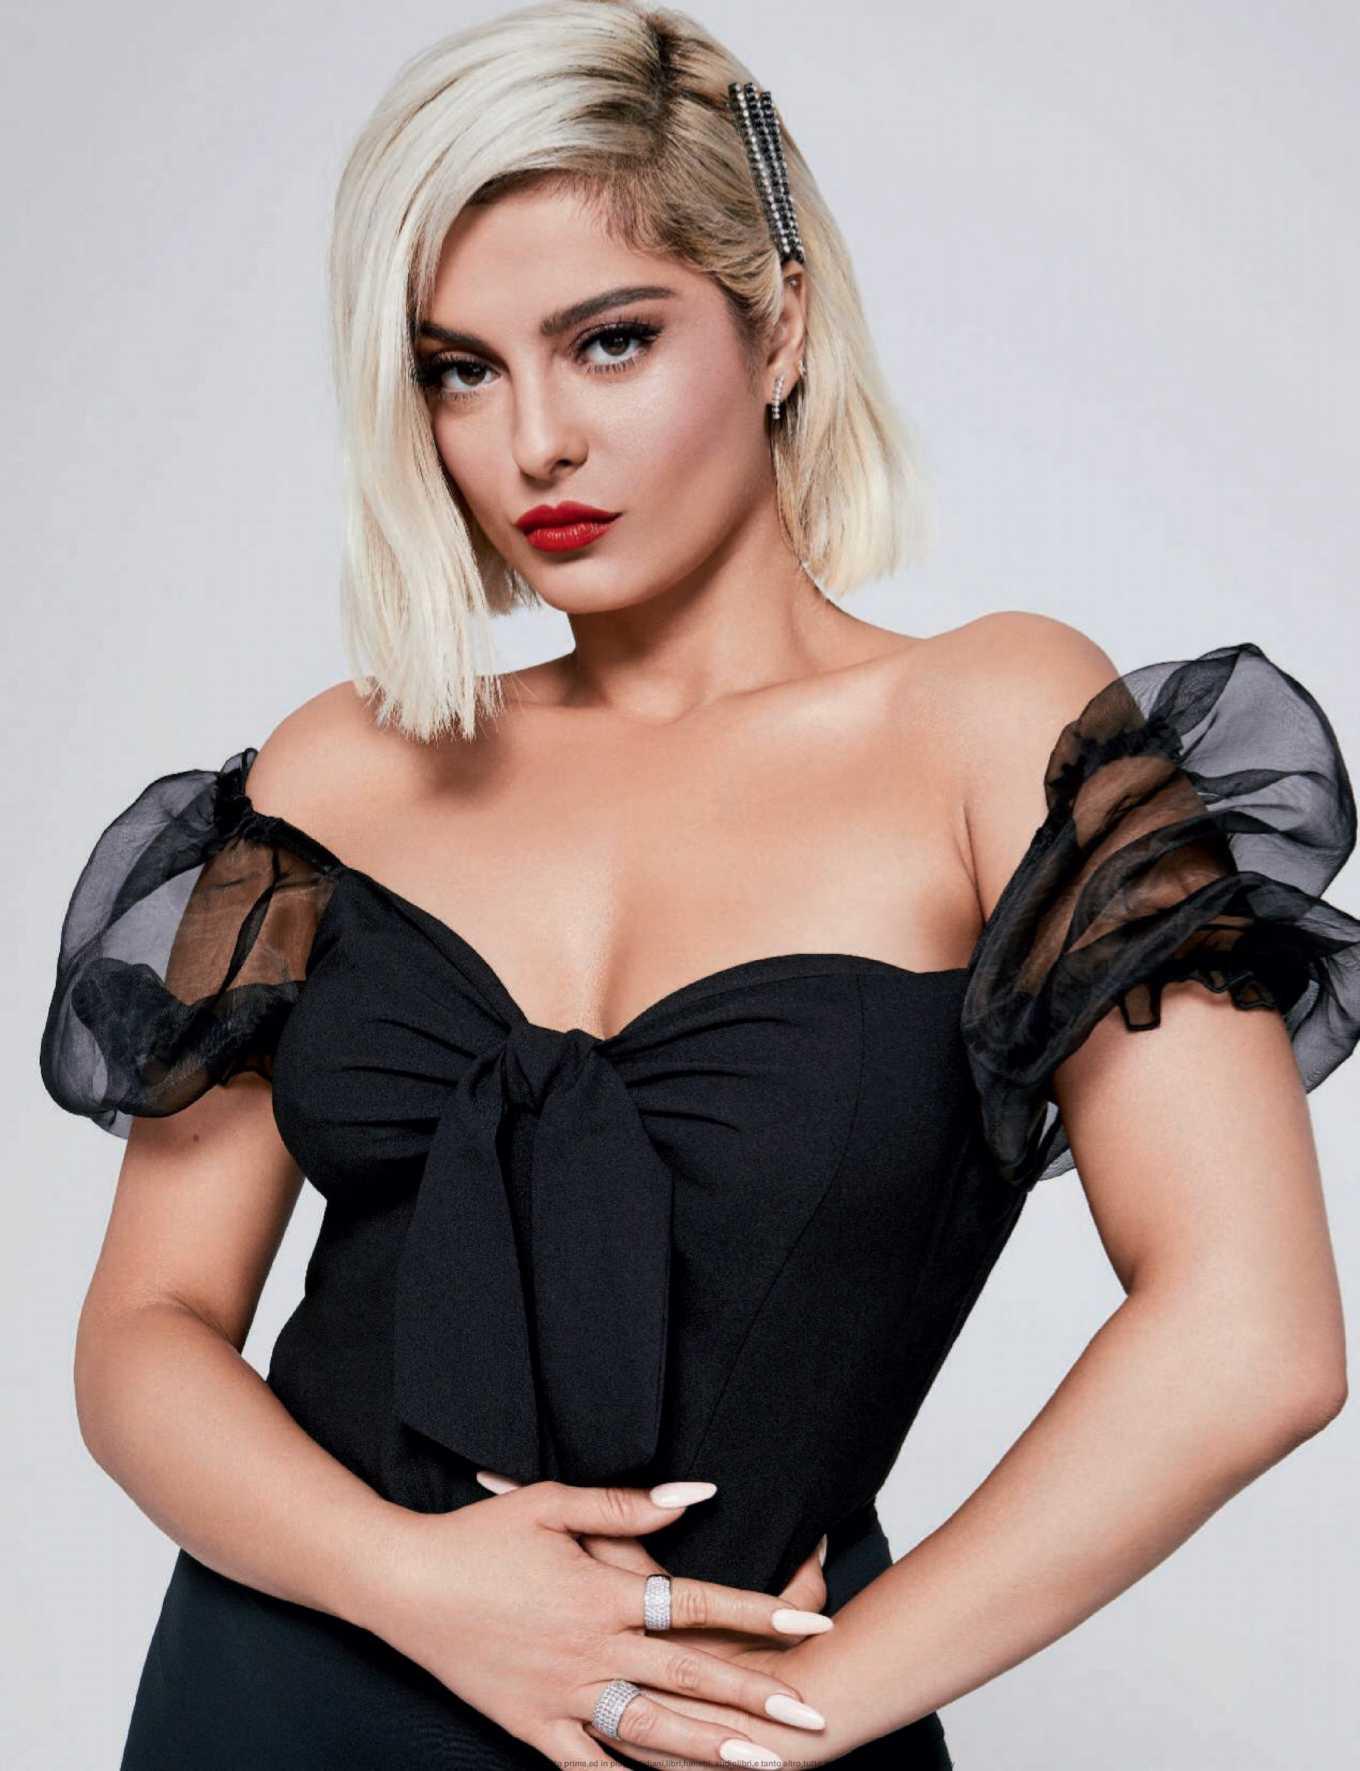 Bebe Rexha - Cosmopolitan Italy Magazine (March 2020)